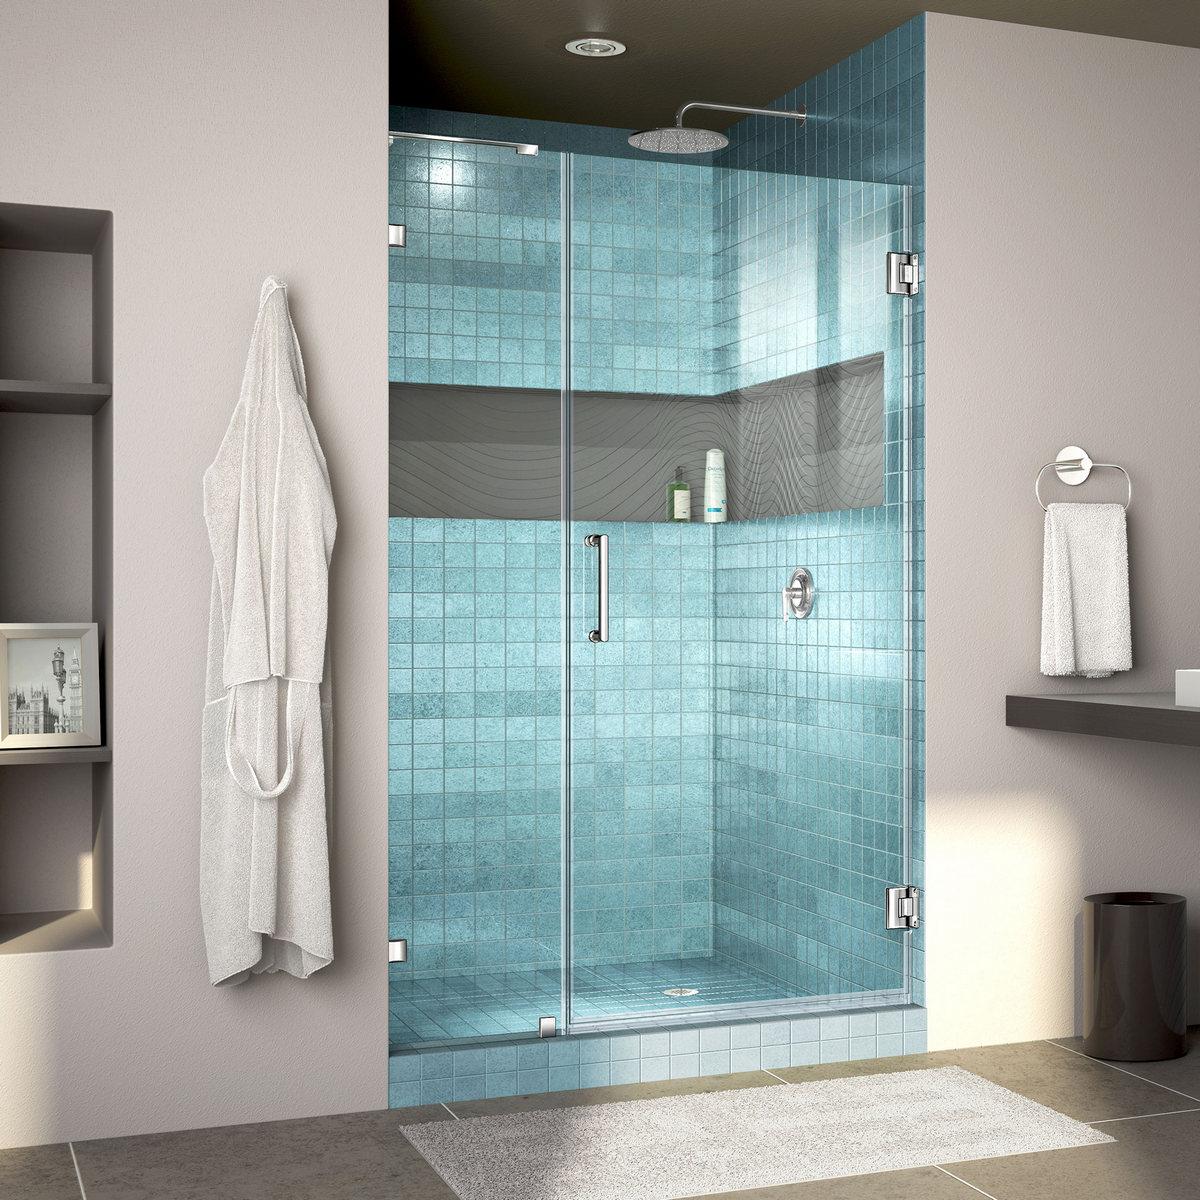 Dreamline Lux Fully Frameless Hinged Shower Door Bar Chrome